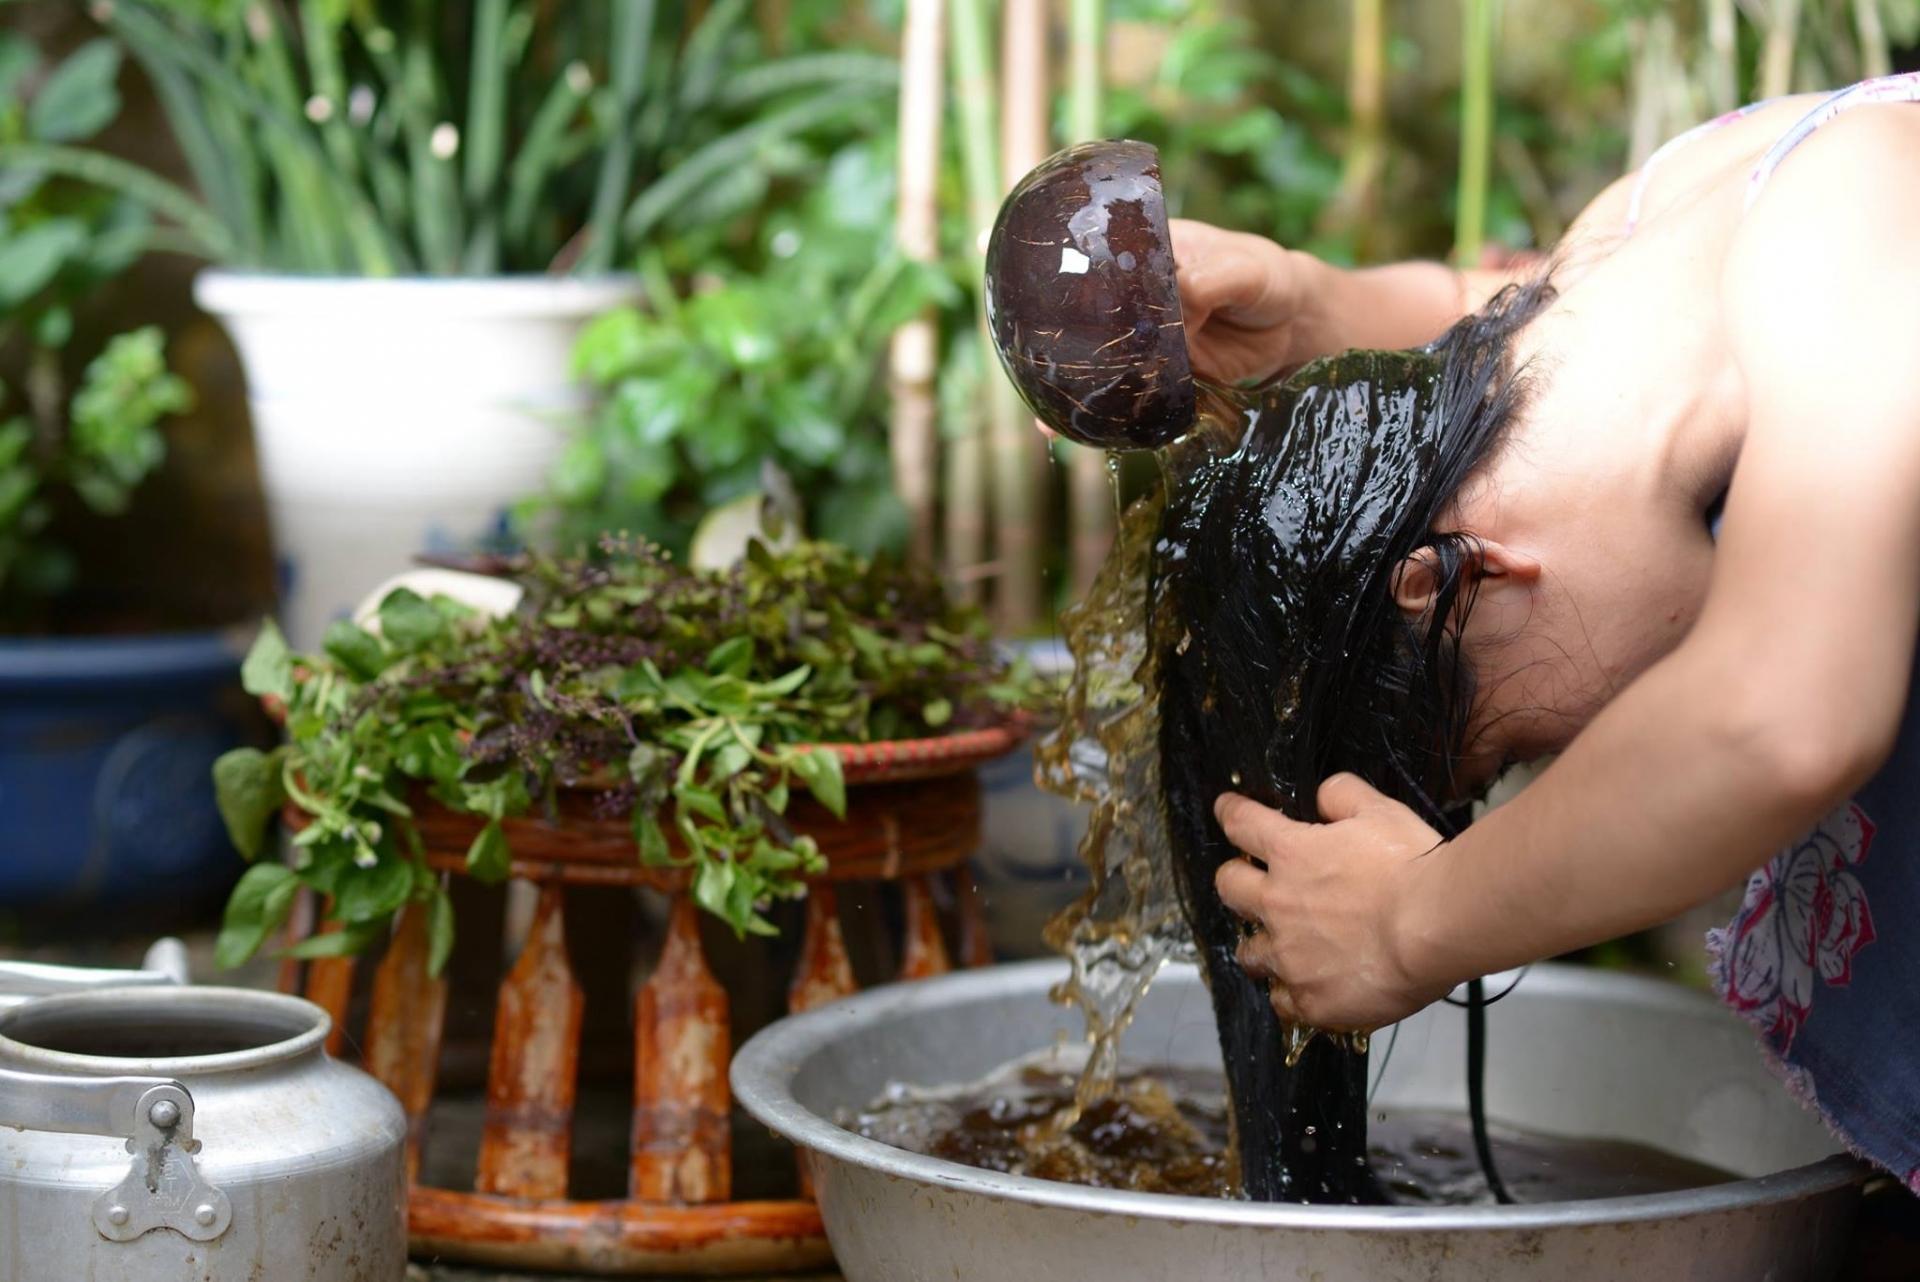 10 bí kíp chăm sóc tại nhà giúp phục hồi mái tóc gãy rụng, bạc sớm, khô xơ trở nên óng ả, bồng bềnh nhanh chóng - Ảnh 3